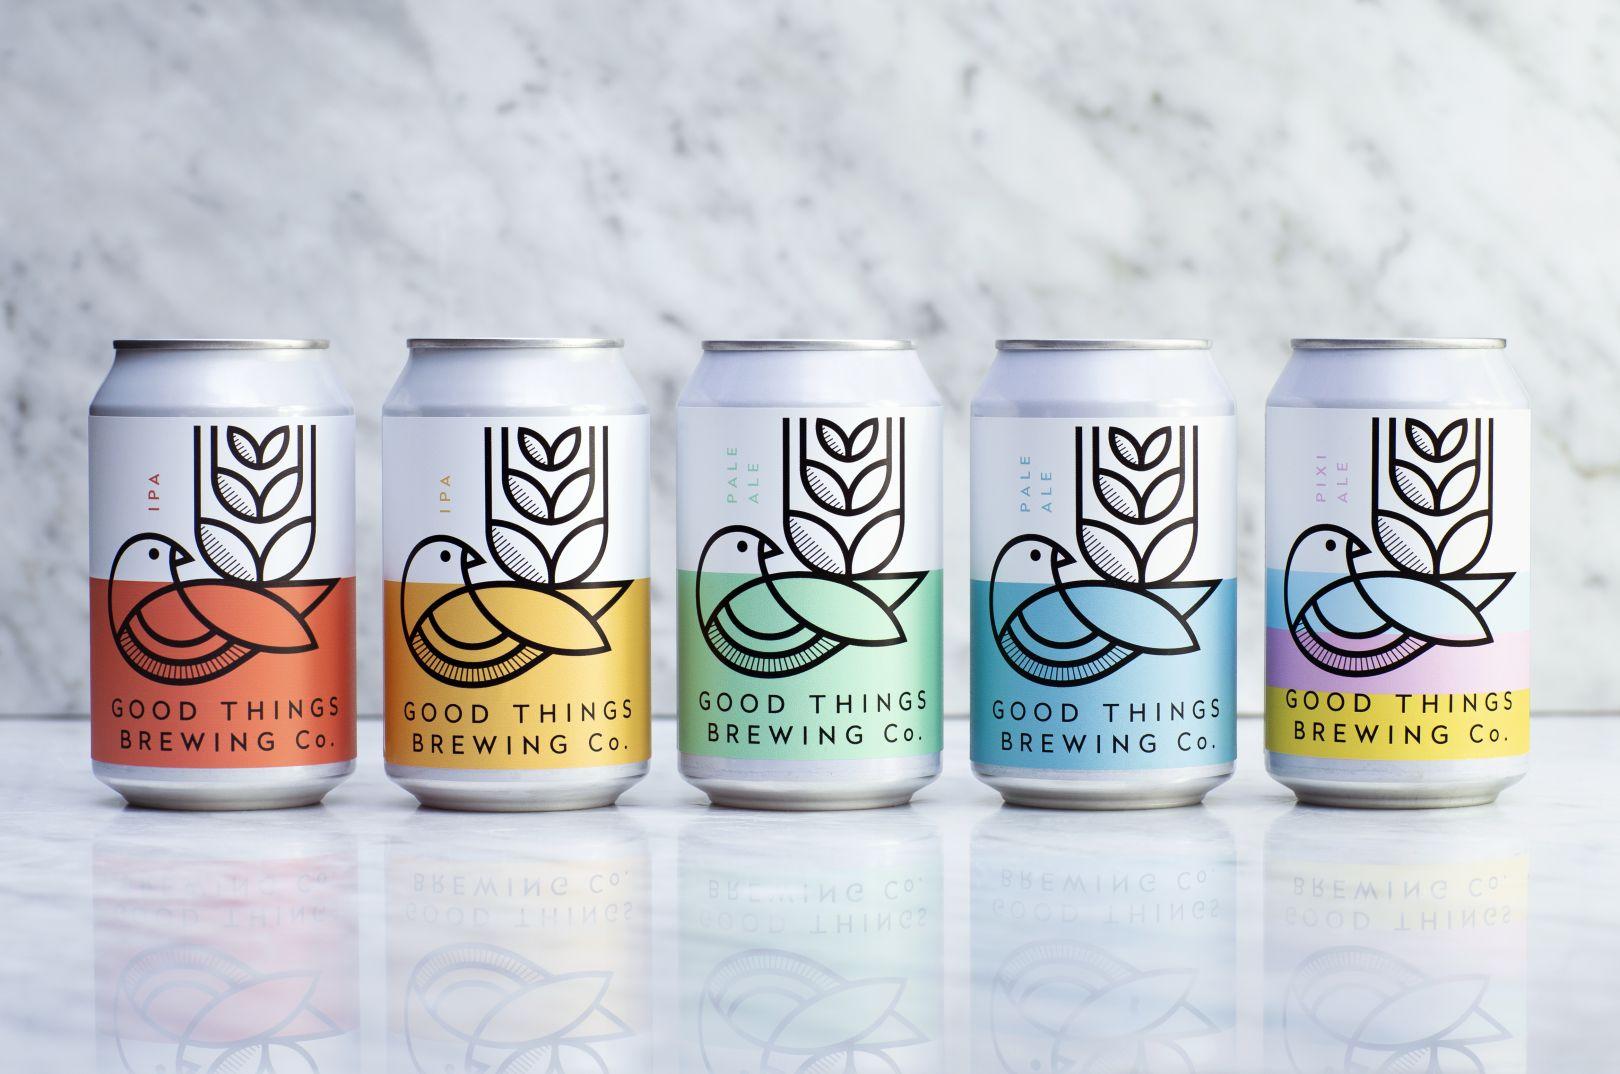 В 2020-м году в студии Horse коммуникативные дизайнеры разработали брендинг и упаковочный дизайн для первой в мире экологичной пивоварни Good Things Brewing